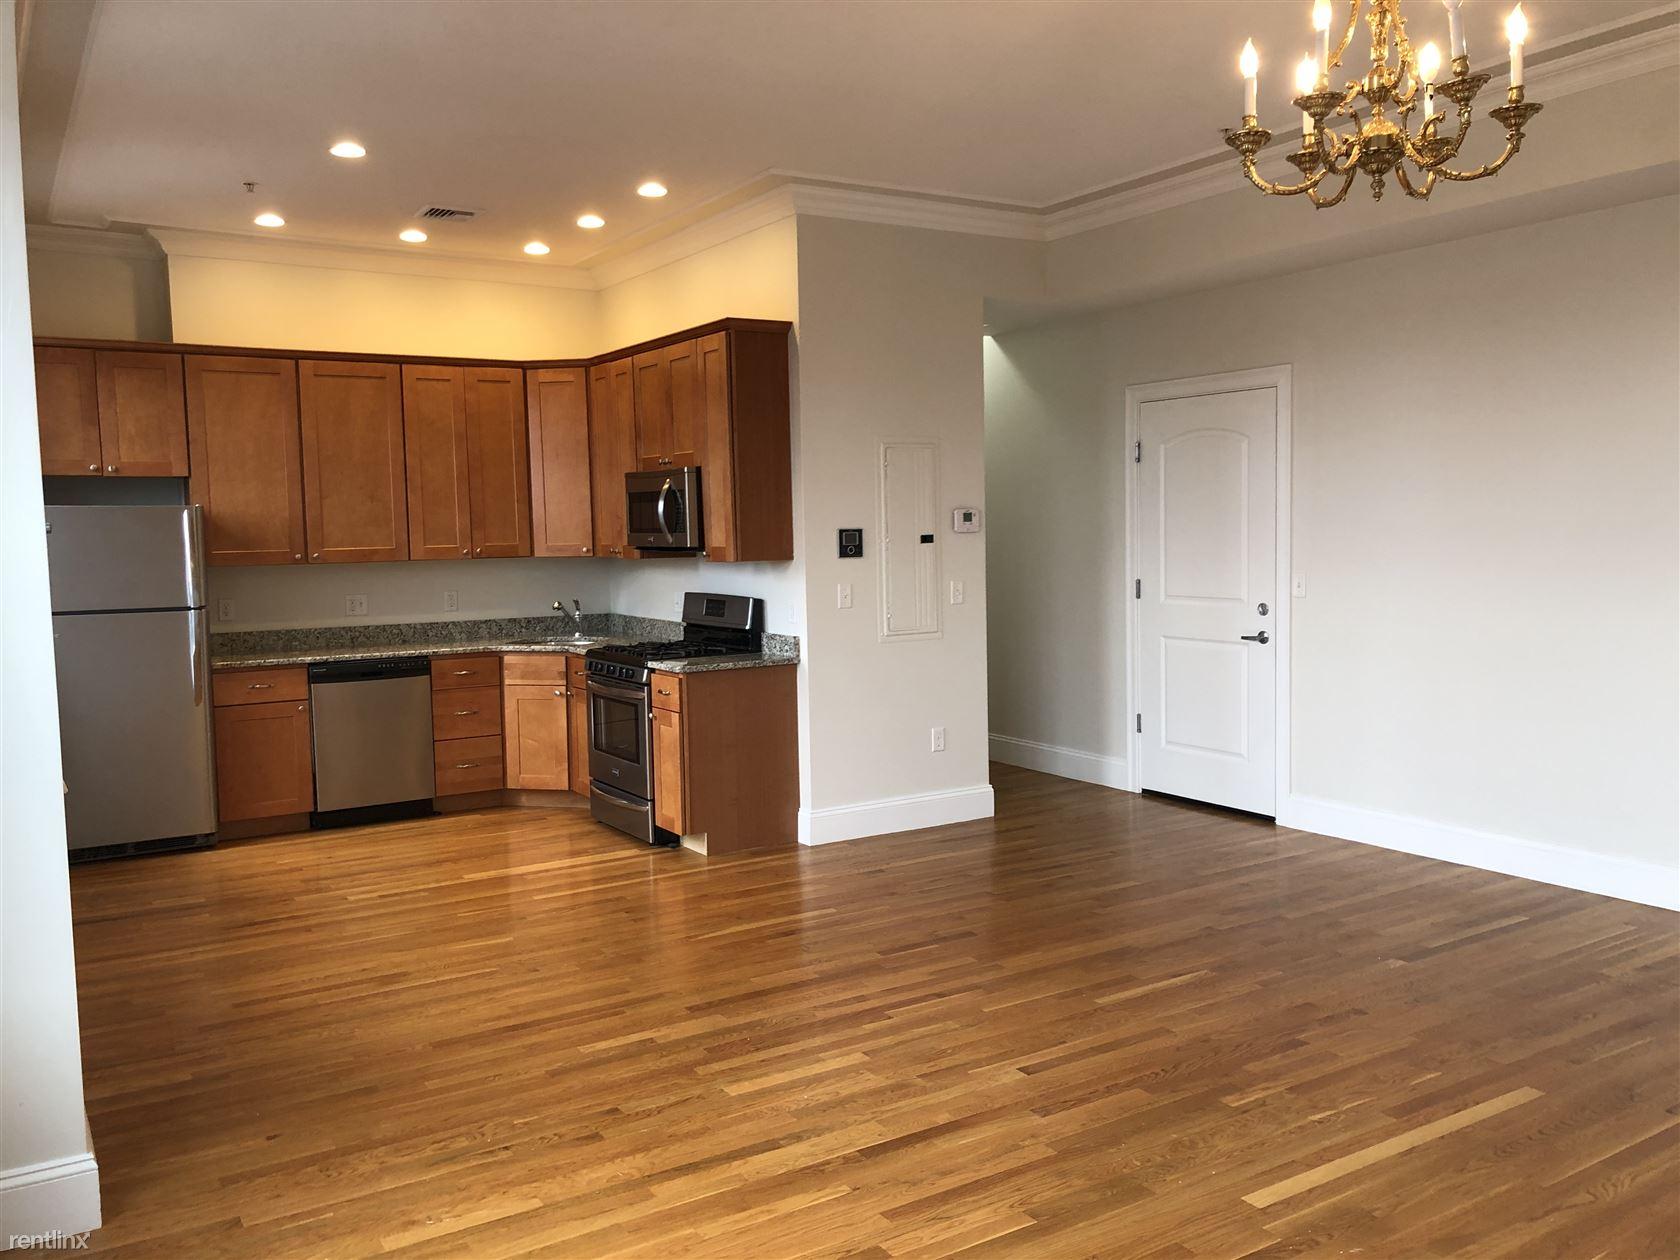 395 W Broadway Apt 3D, South Boston, MA - $4,200